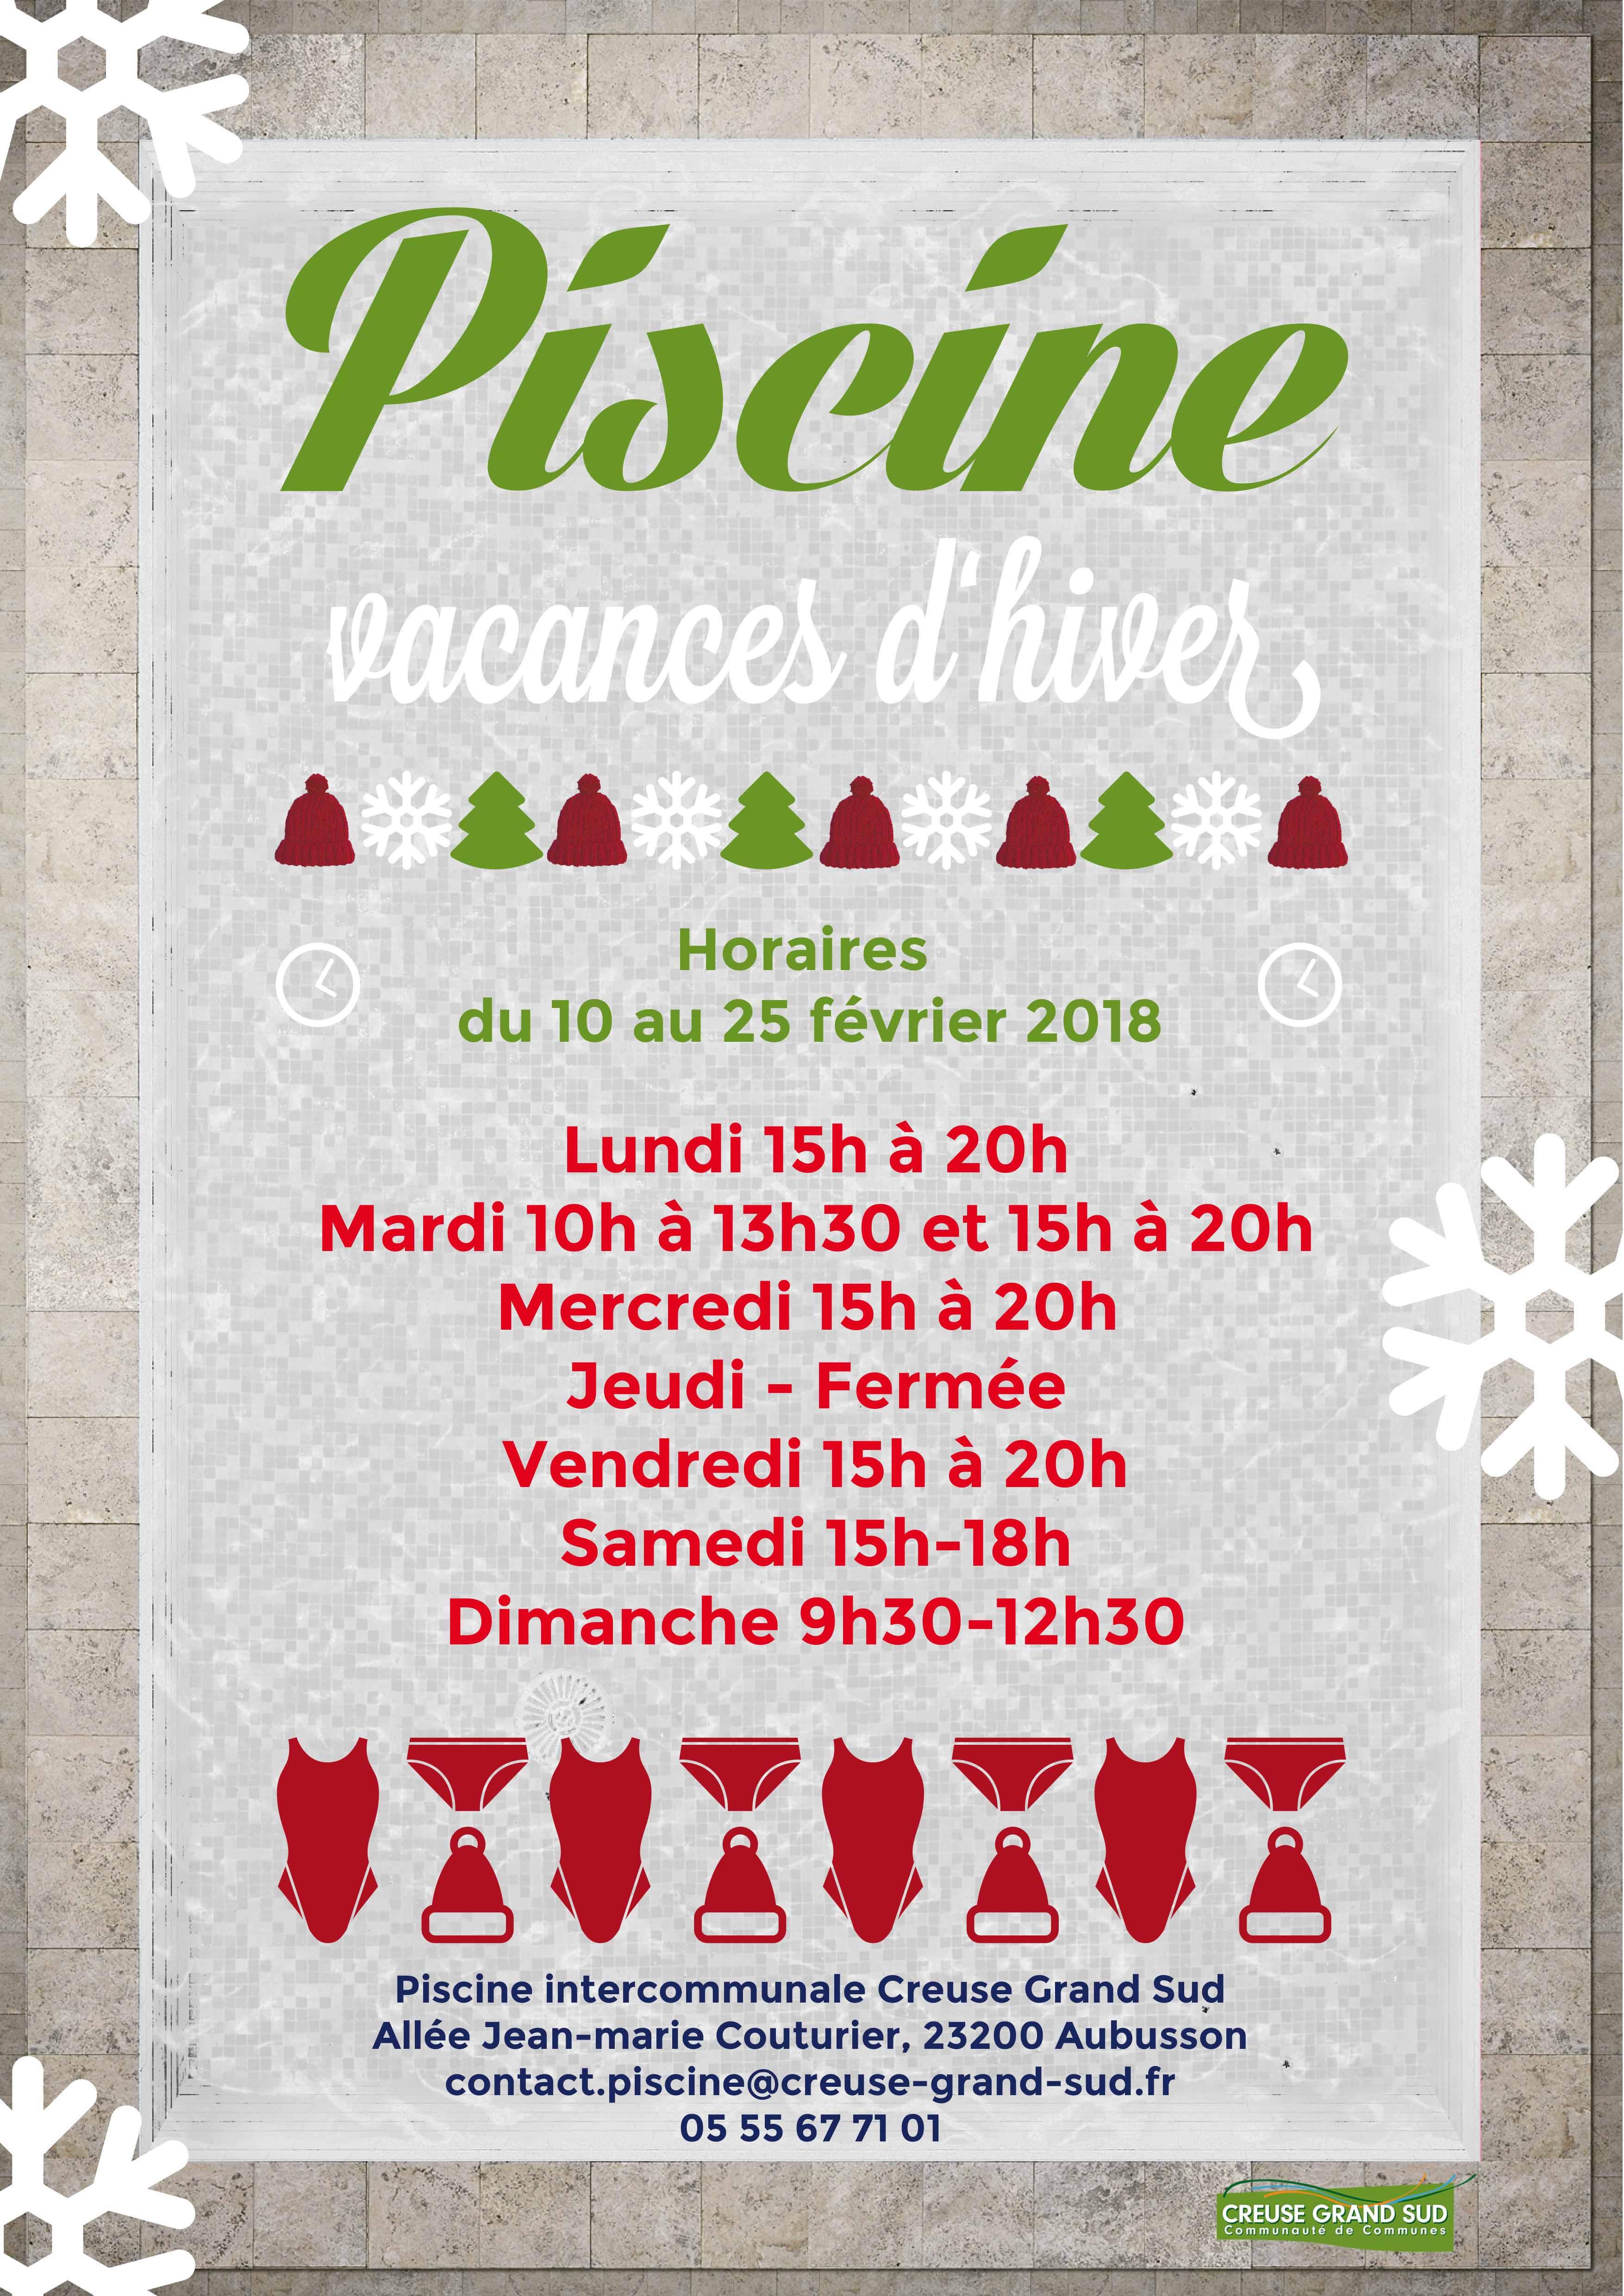 Horaires d ouverture aquasud vacances d hiver creuse - Piscine oloron sainte marie horaires ...